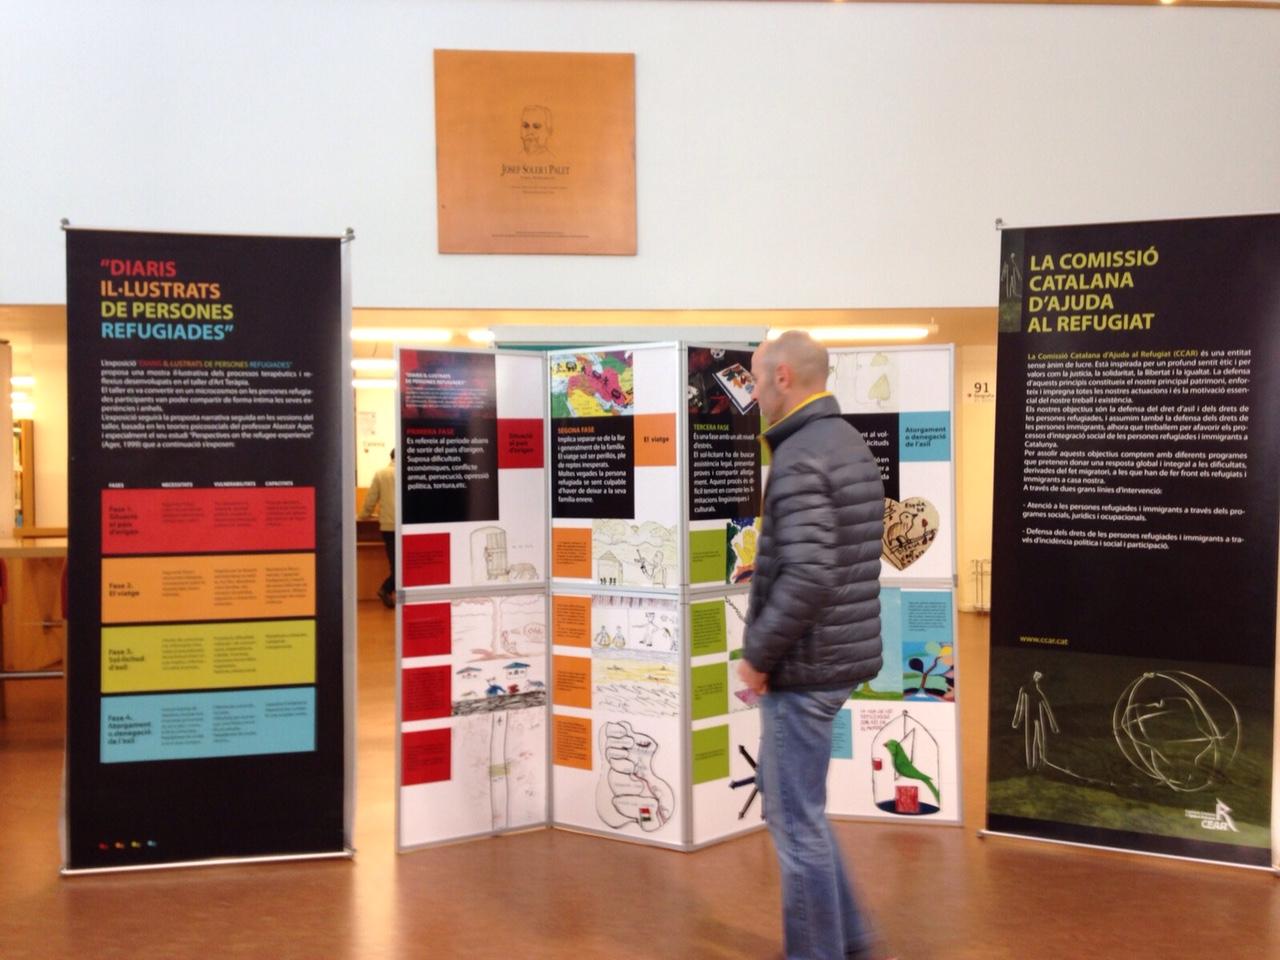 """Exposició """"Diaris Il·lustrats De Persones Refugiades"""" Al Centre Cívic Bonpastor"""